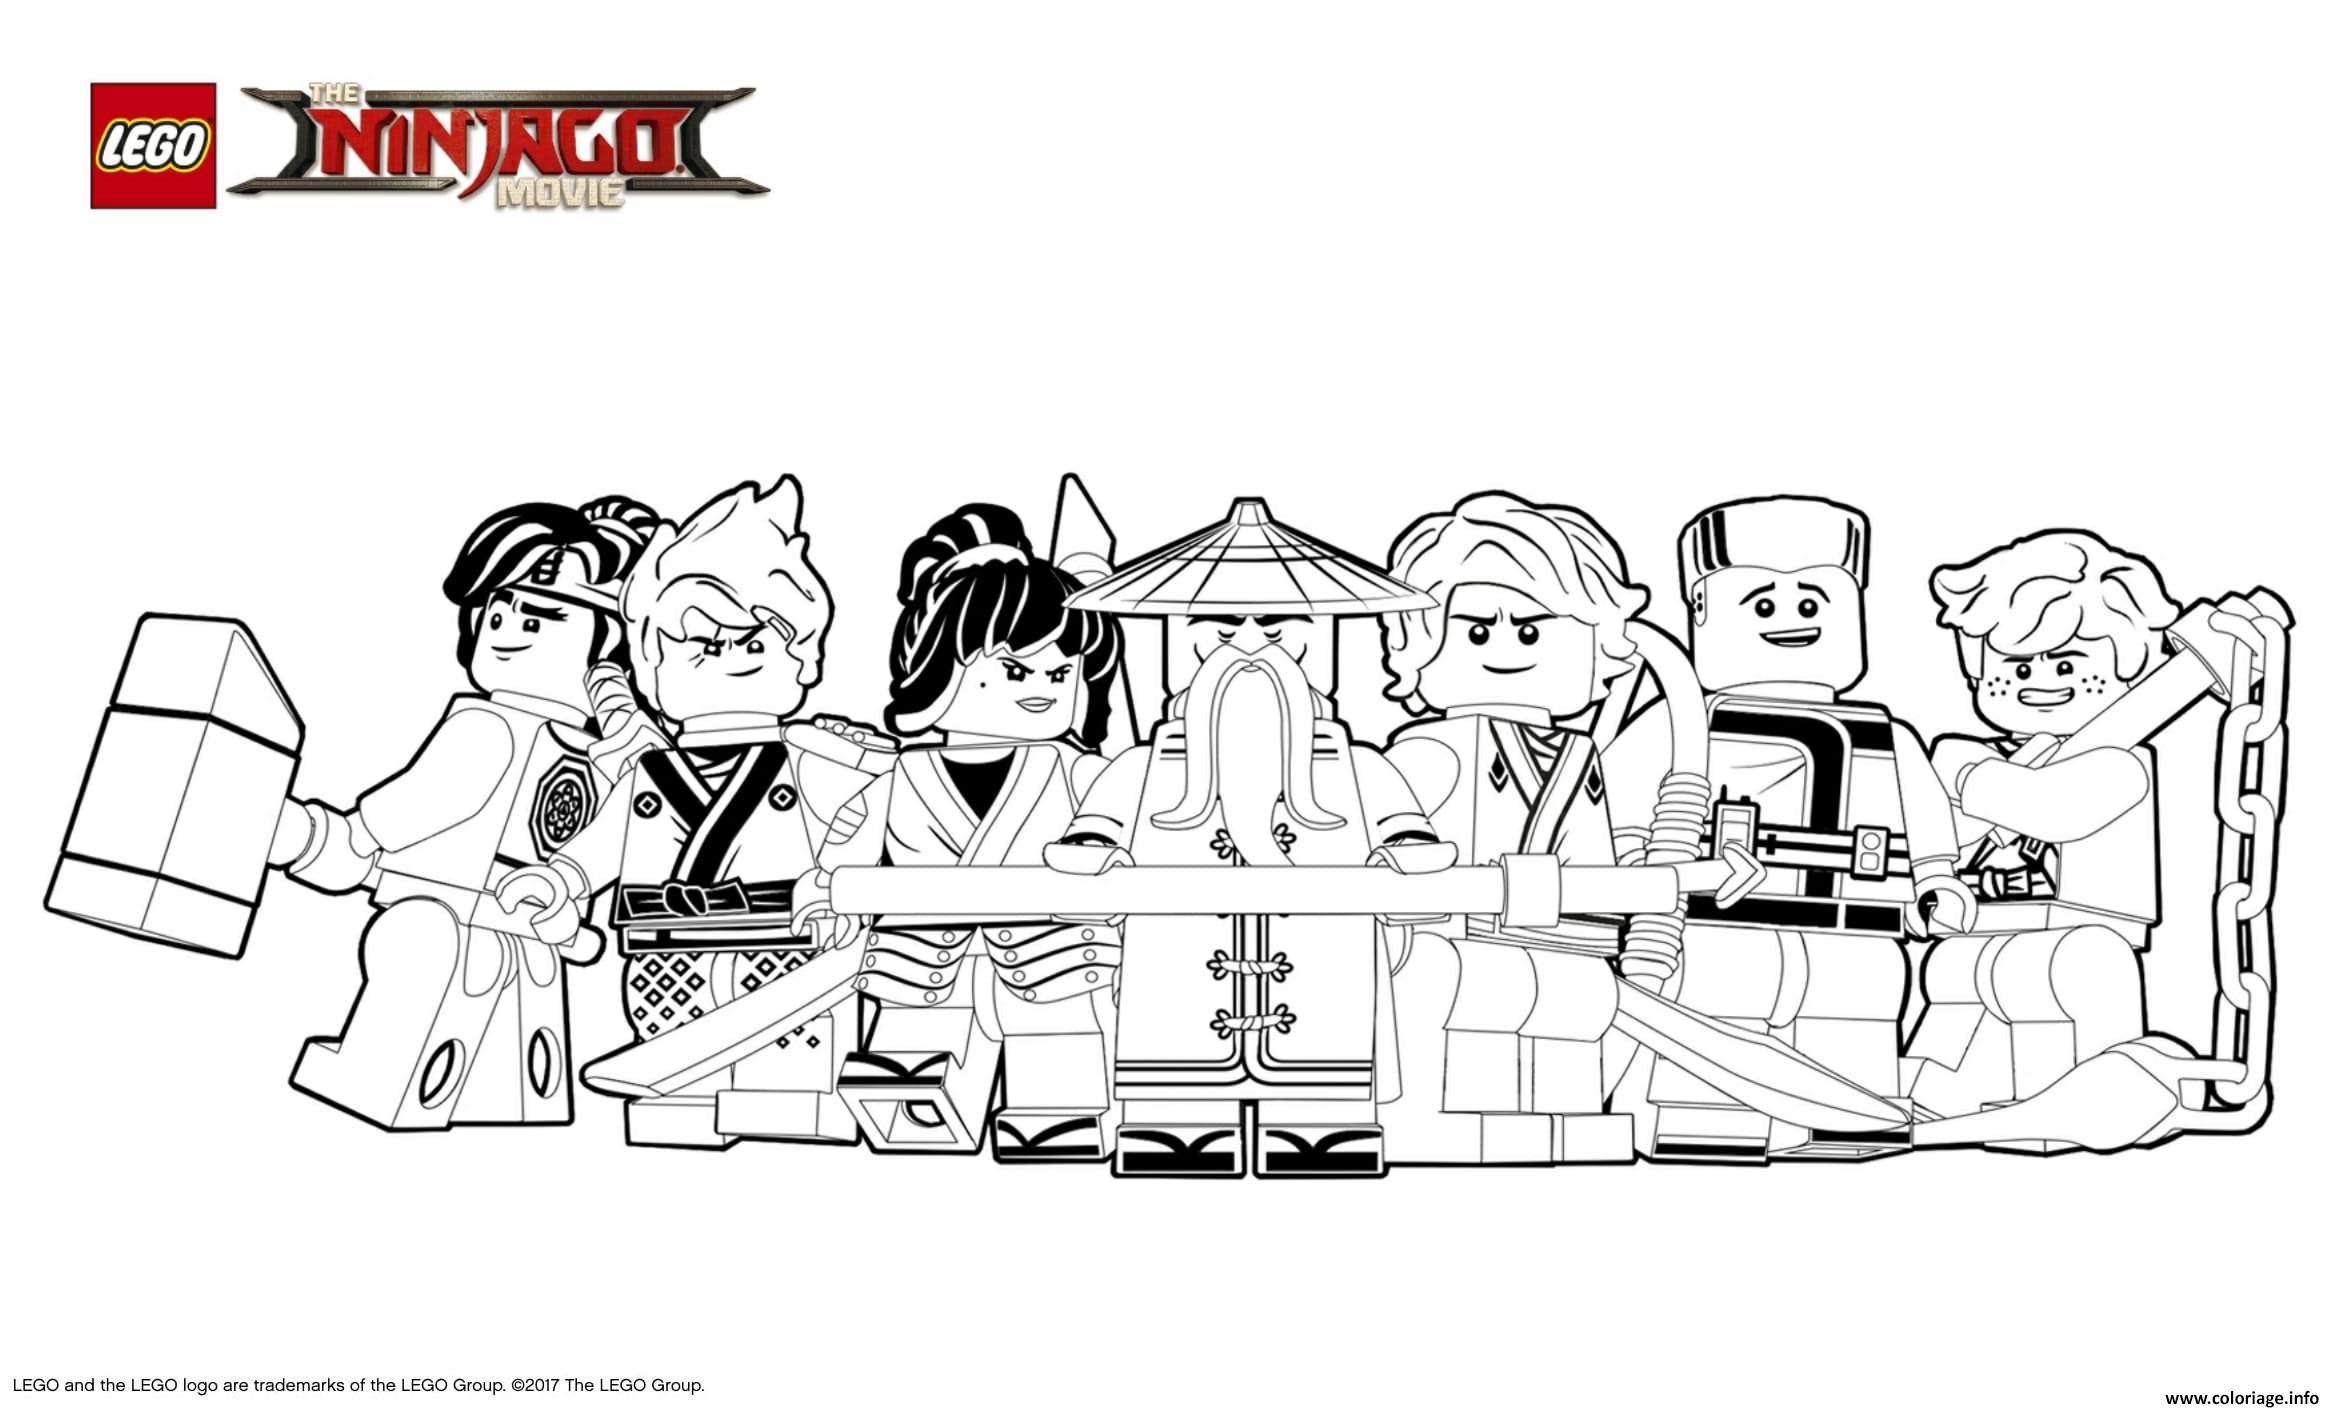 Coloriage lego ninjago le film gentils ninjagos - Modele lego gratuit ...